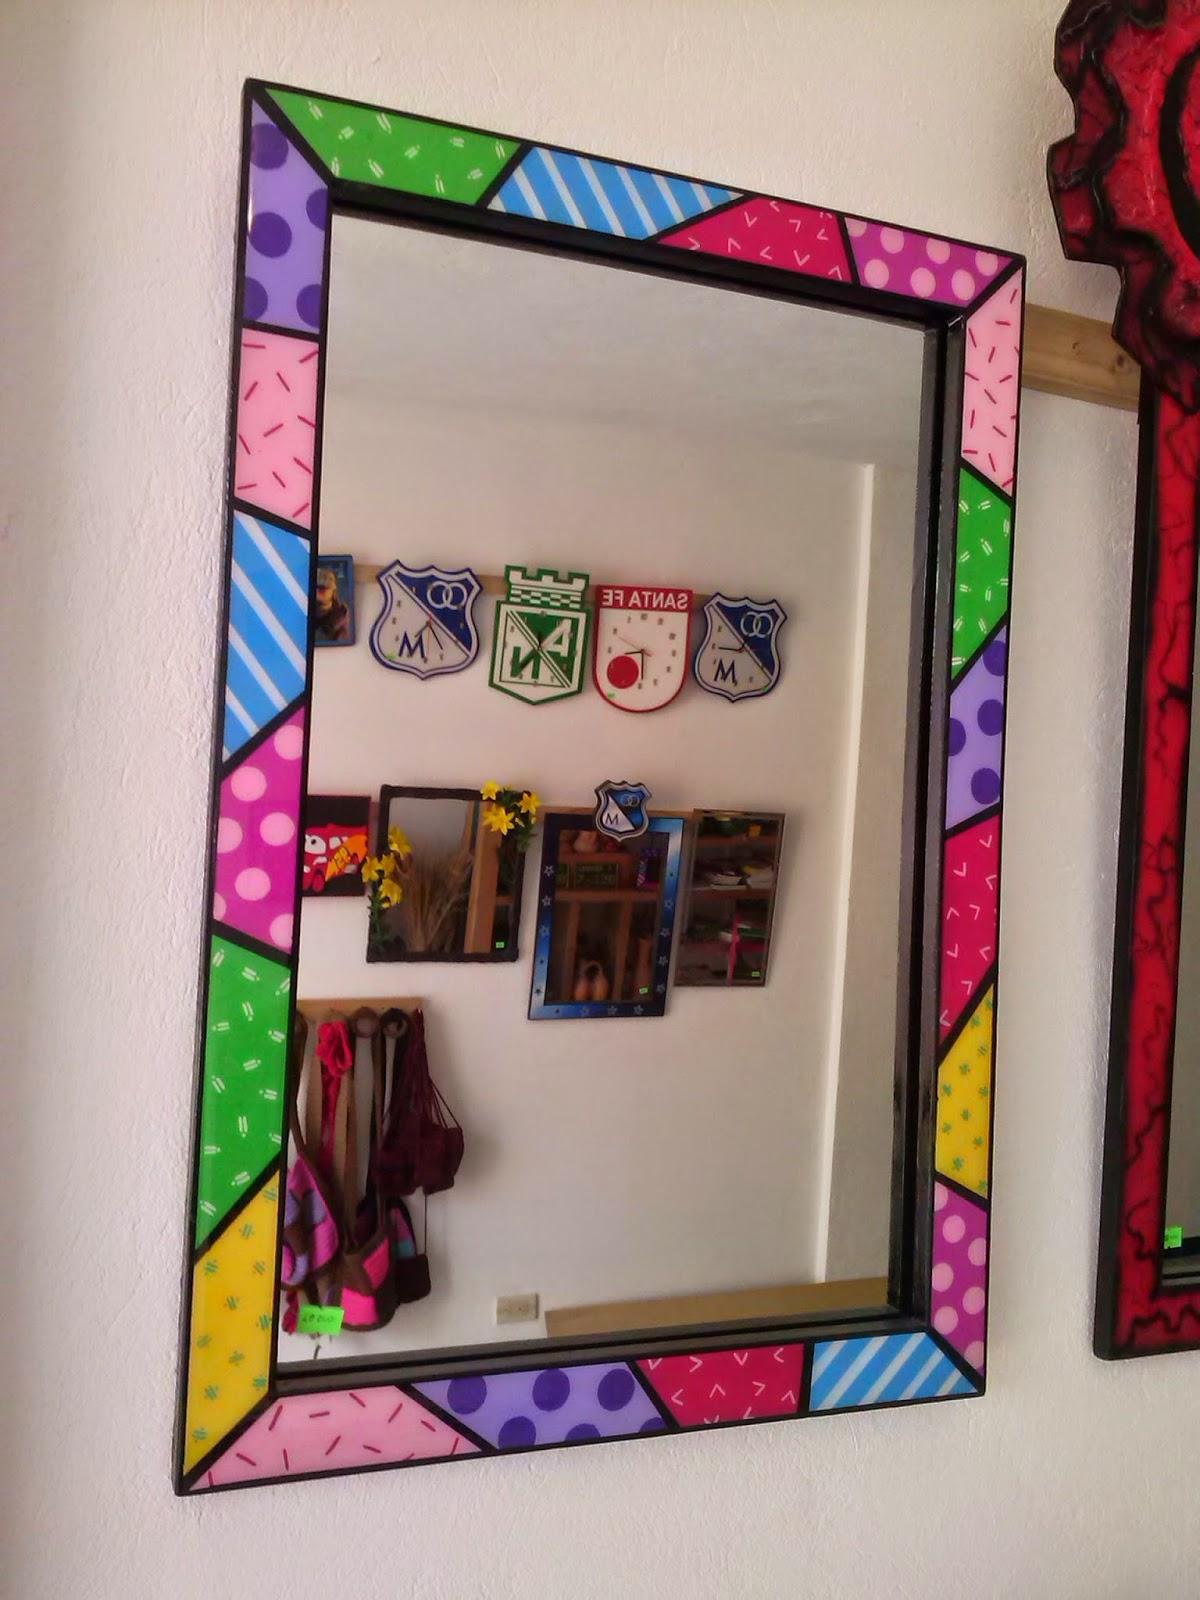 Galeria arte y dise o madekids marcos para espejos for Disenos de marcos para espejos grandes